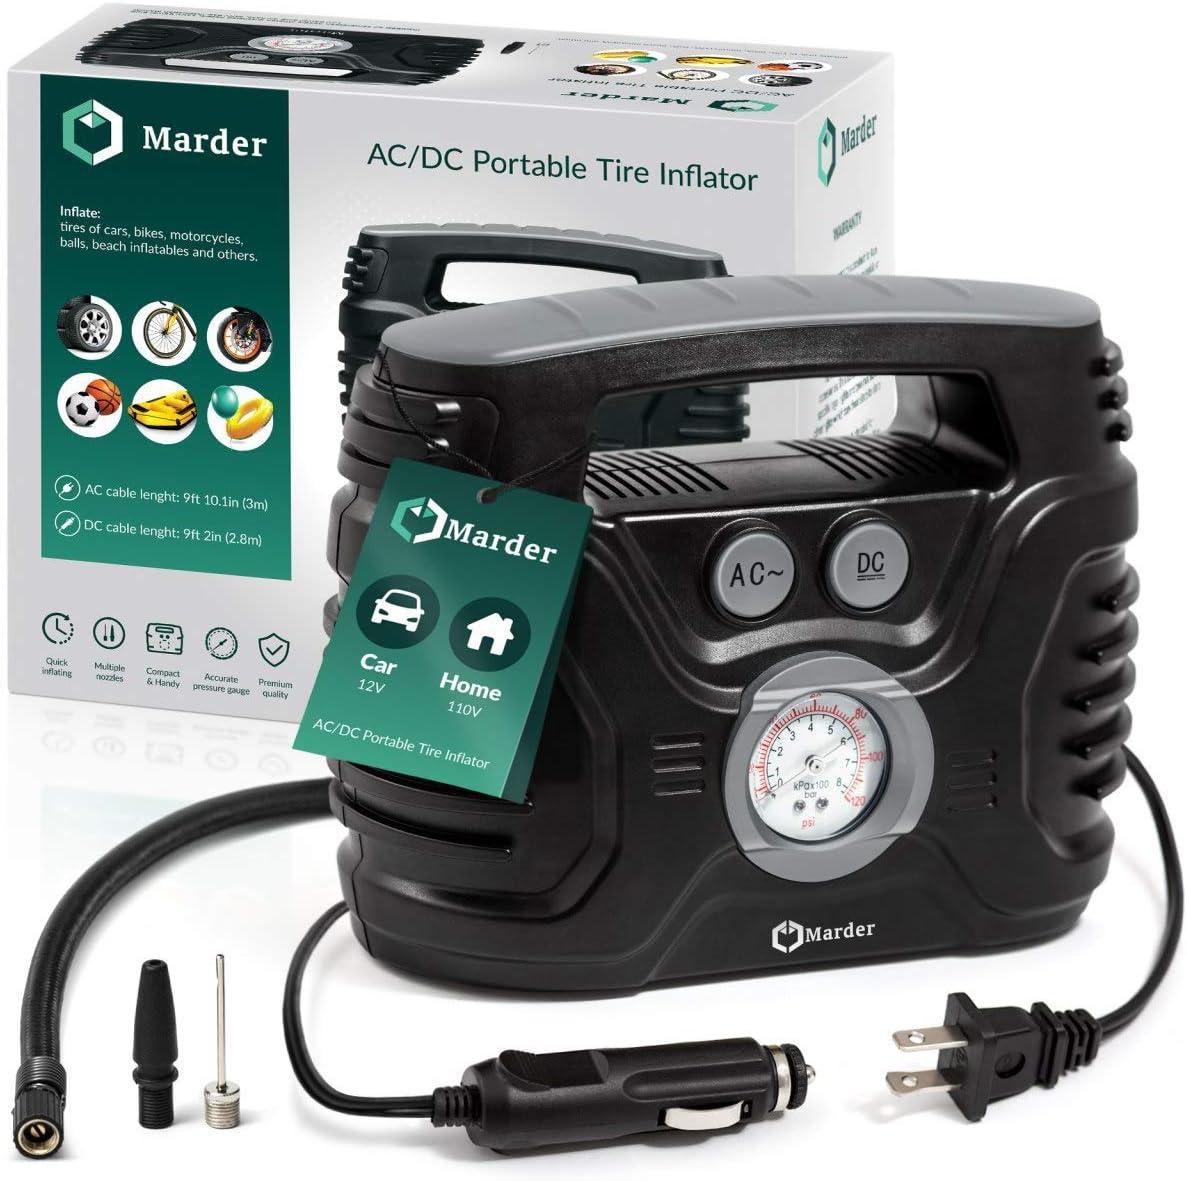 AC/DC Portable Air Compressor/Tire Inflator Powered by Car 12V DC and Home 110V AC